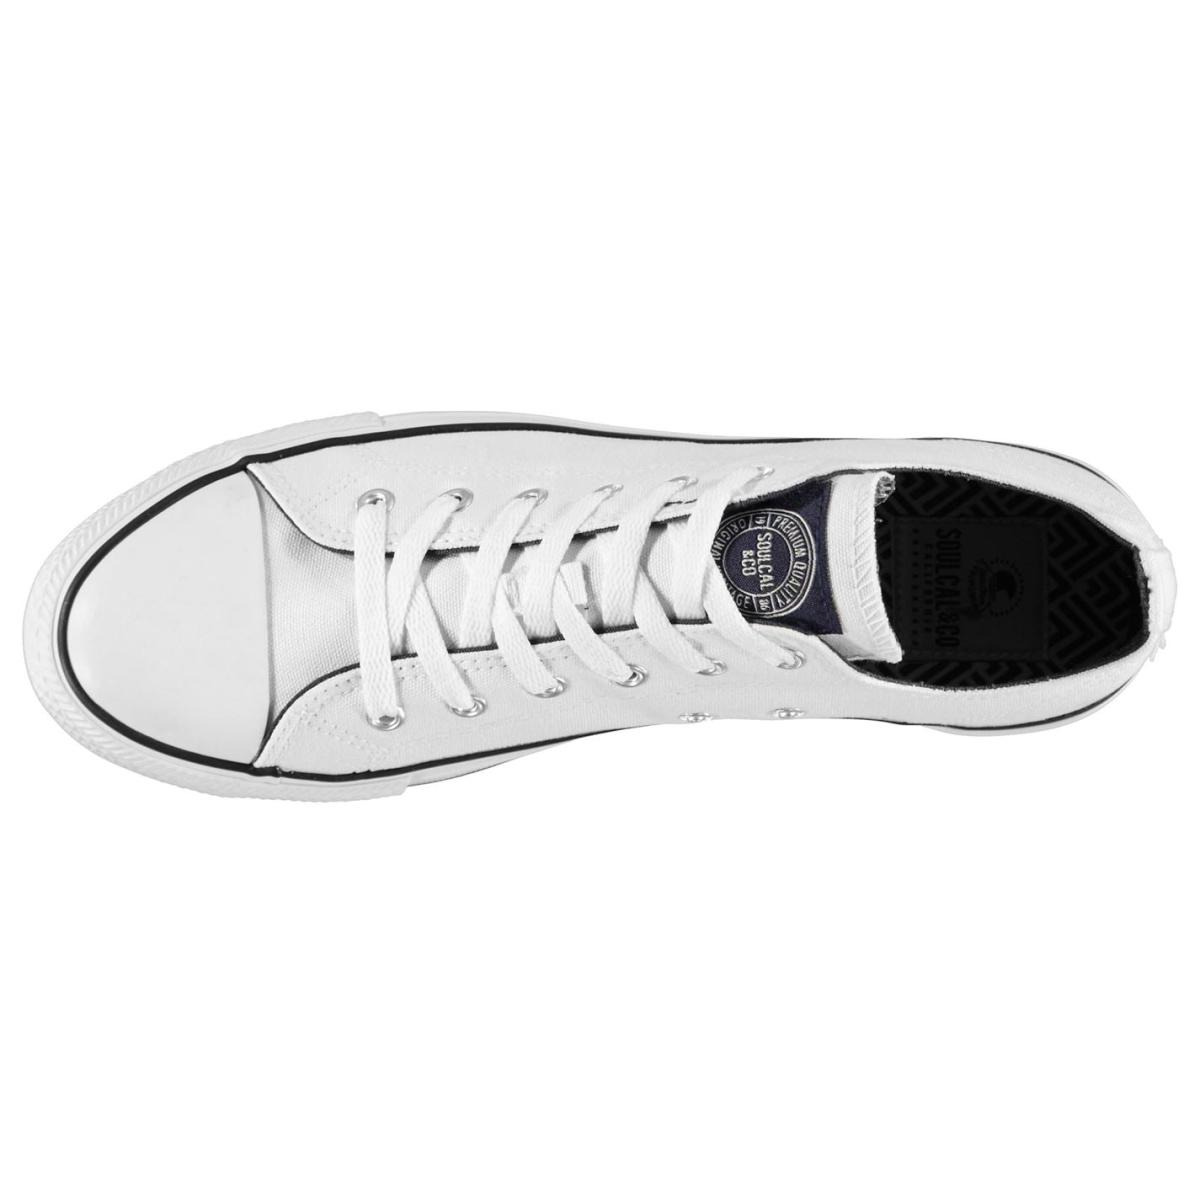 SoulCal Turnschuhe Laufschuhe Herren Sportschuhe Sneaker Canvas Low 6312